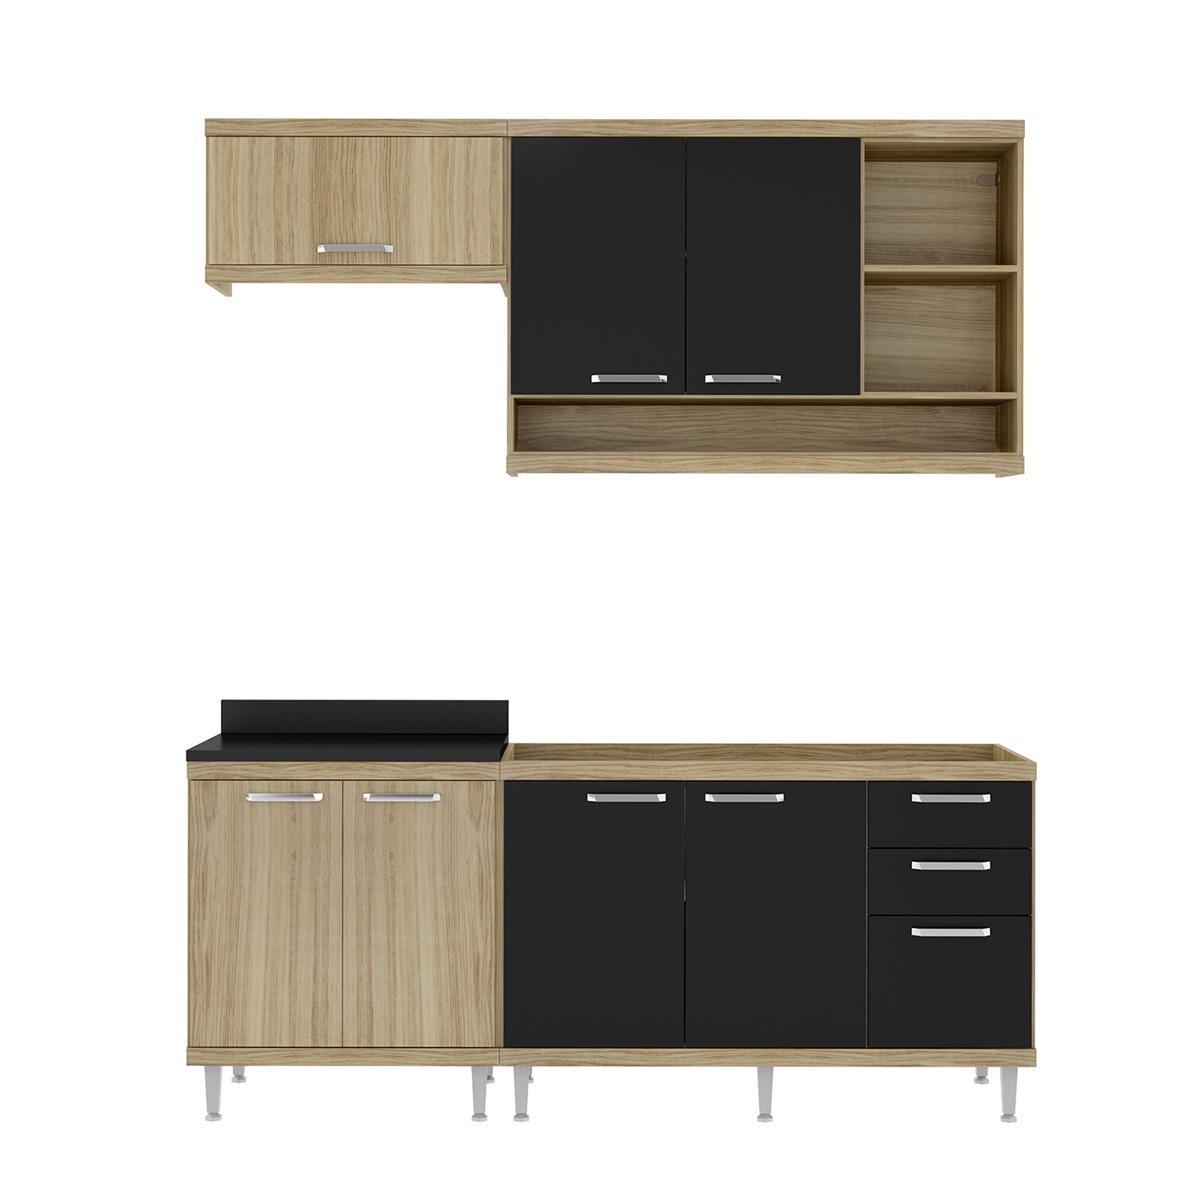 Cozinha 4 M Dulos Argila Texturizado Preto Multim Veis R 1 037 90